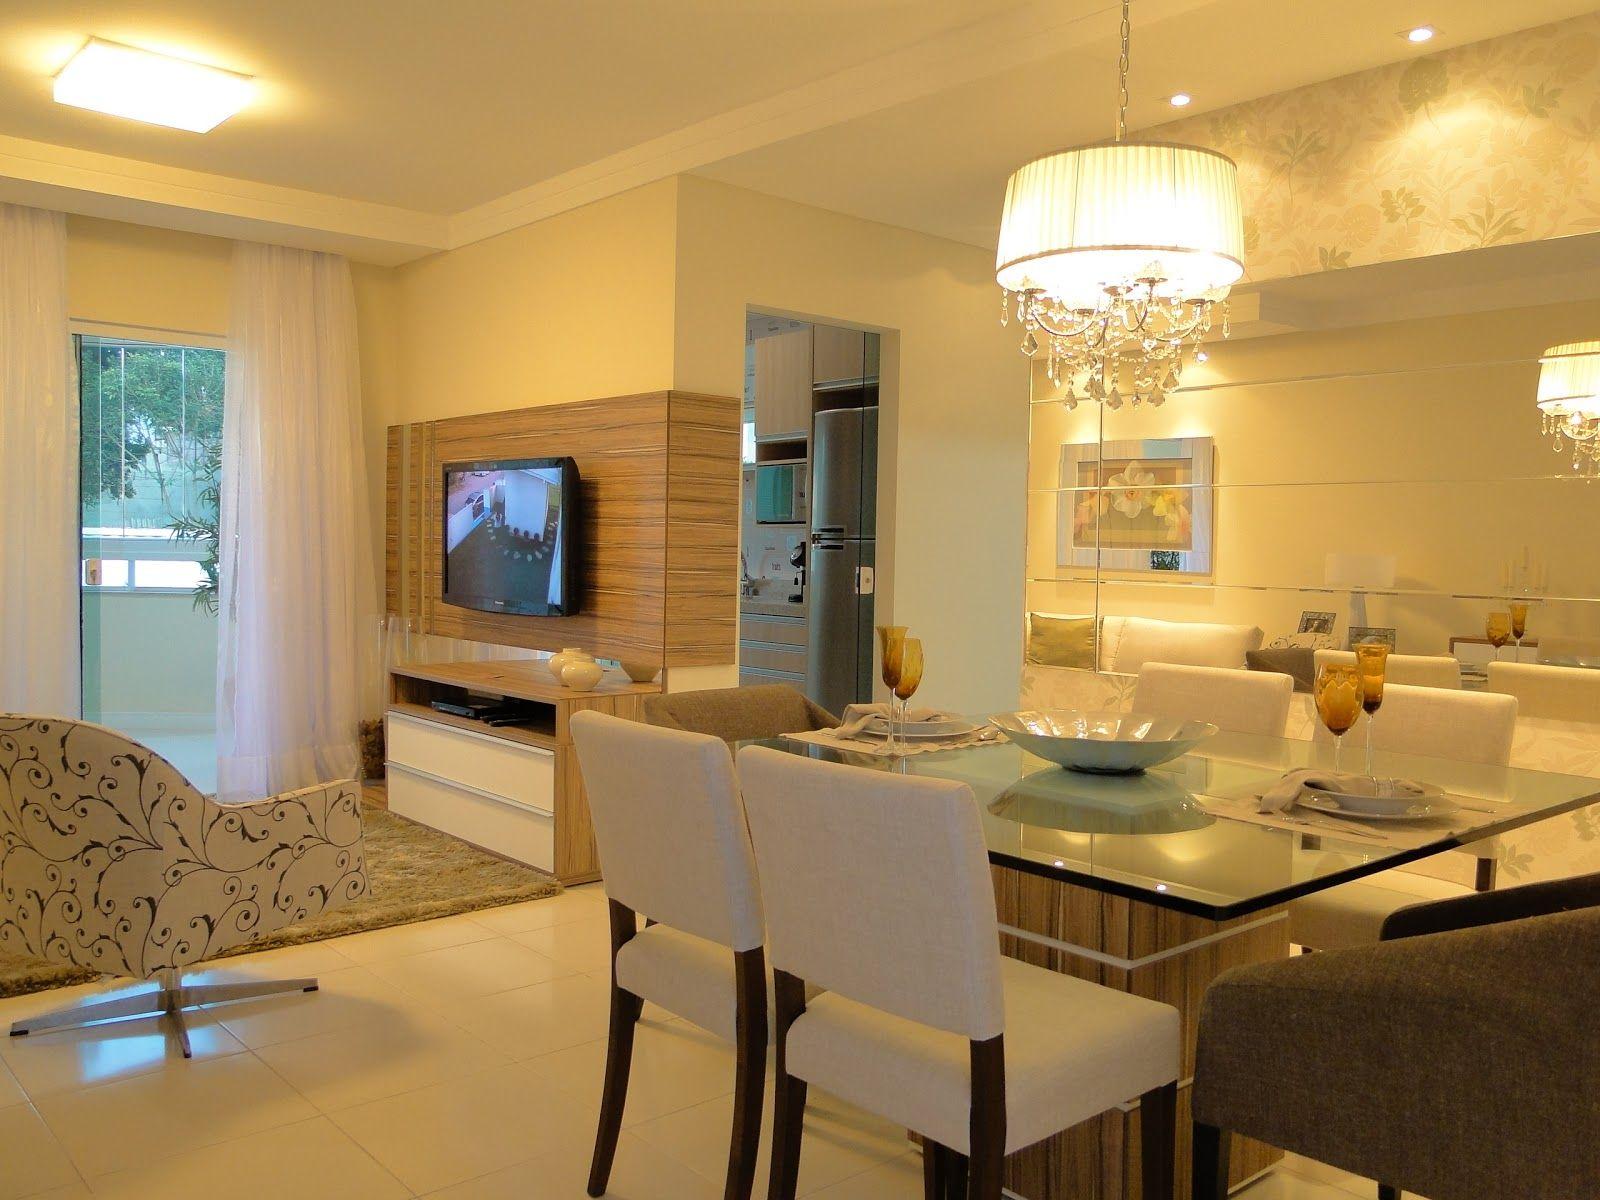 Sala Decorada Com Espelho Em Frente Mesa De Jantar Decoracion  -> Sala De Jantar Pequena Com Mesa De Marmore